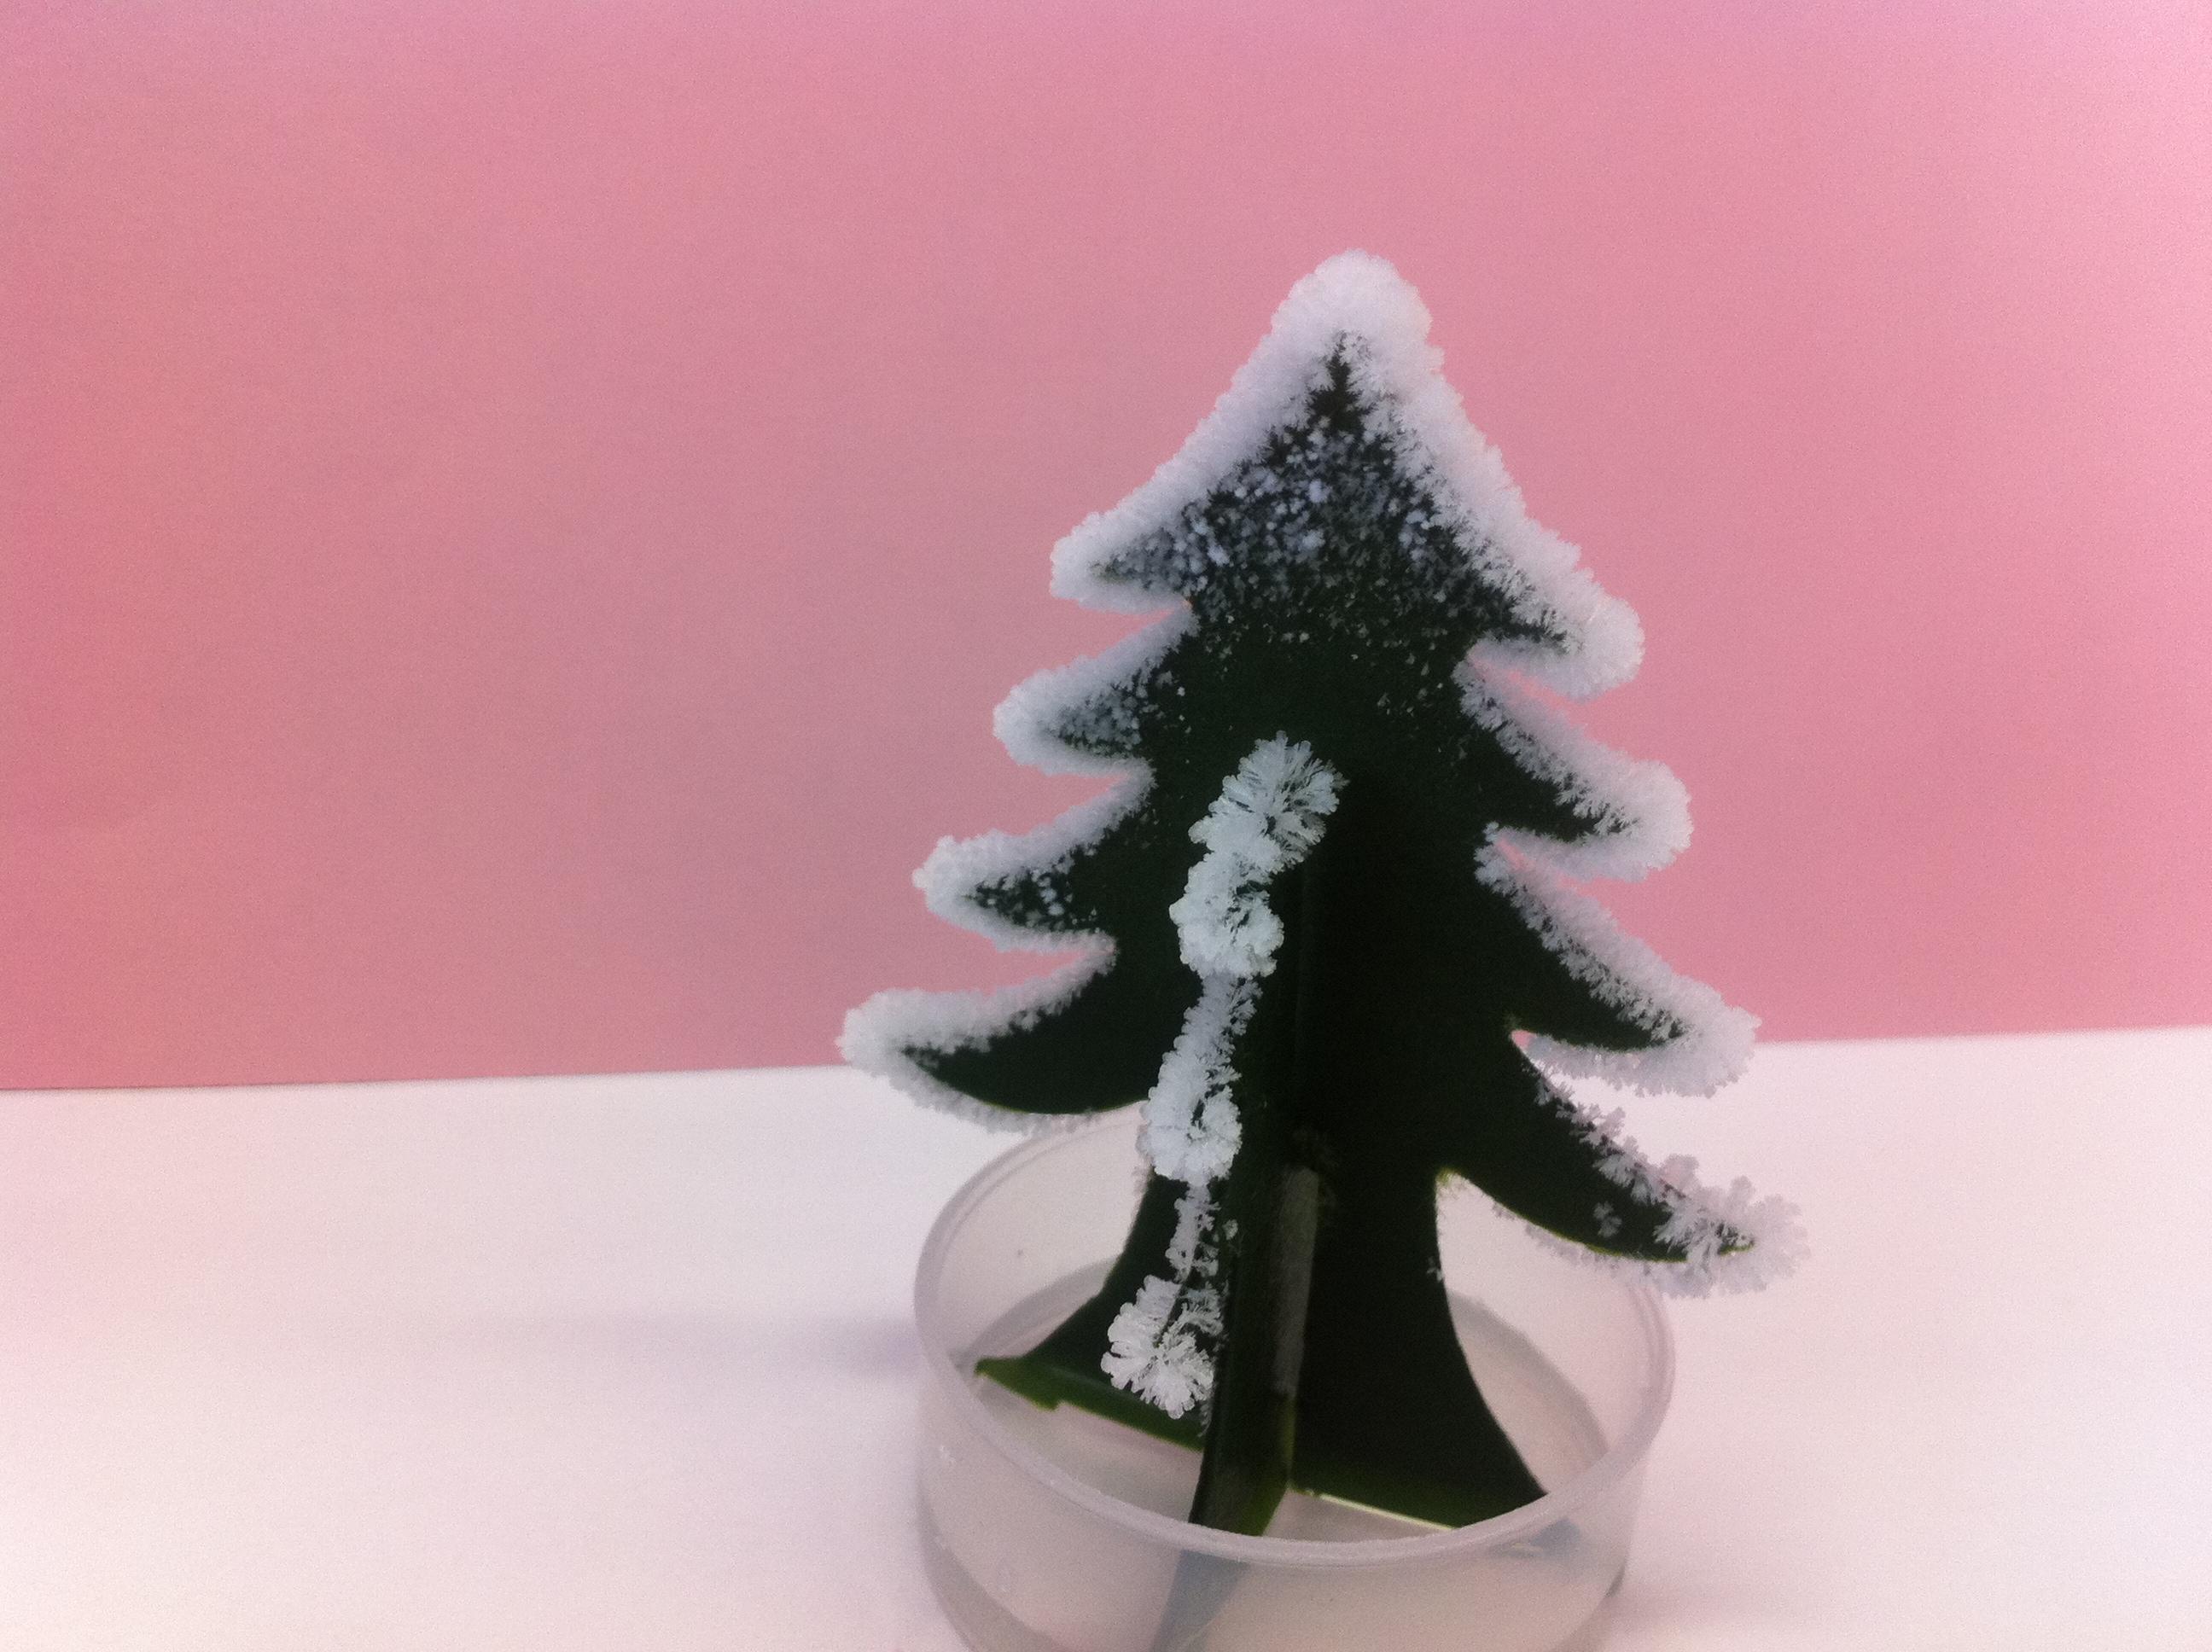 crystal growing christmas trees - Crystal Christmas Trees